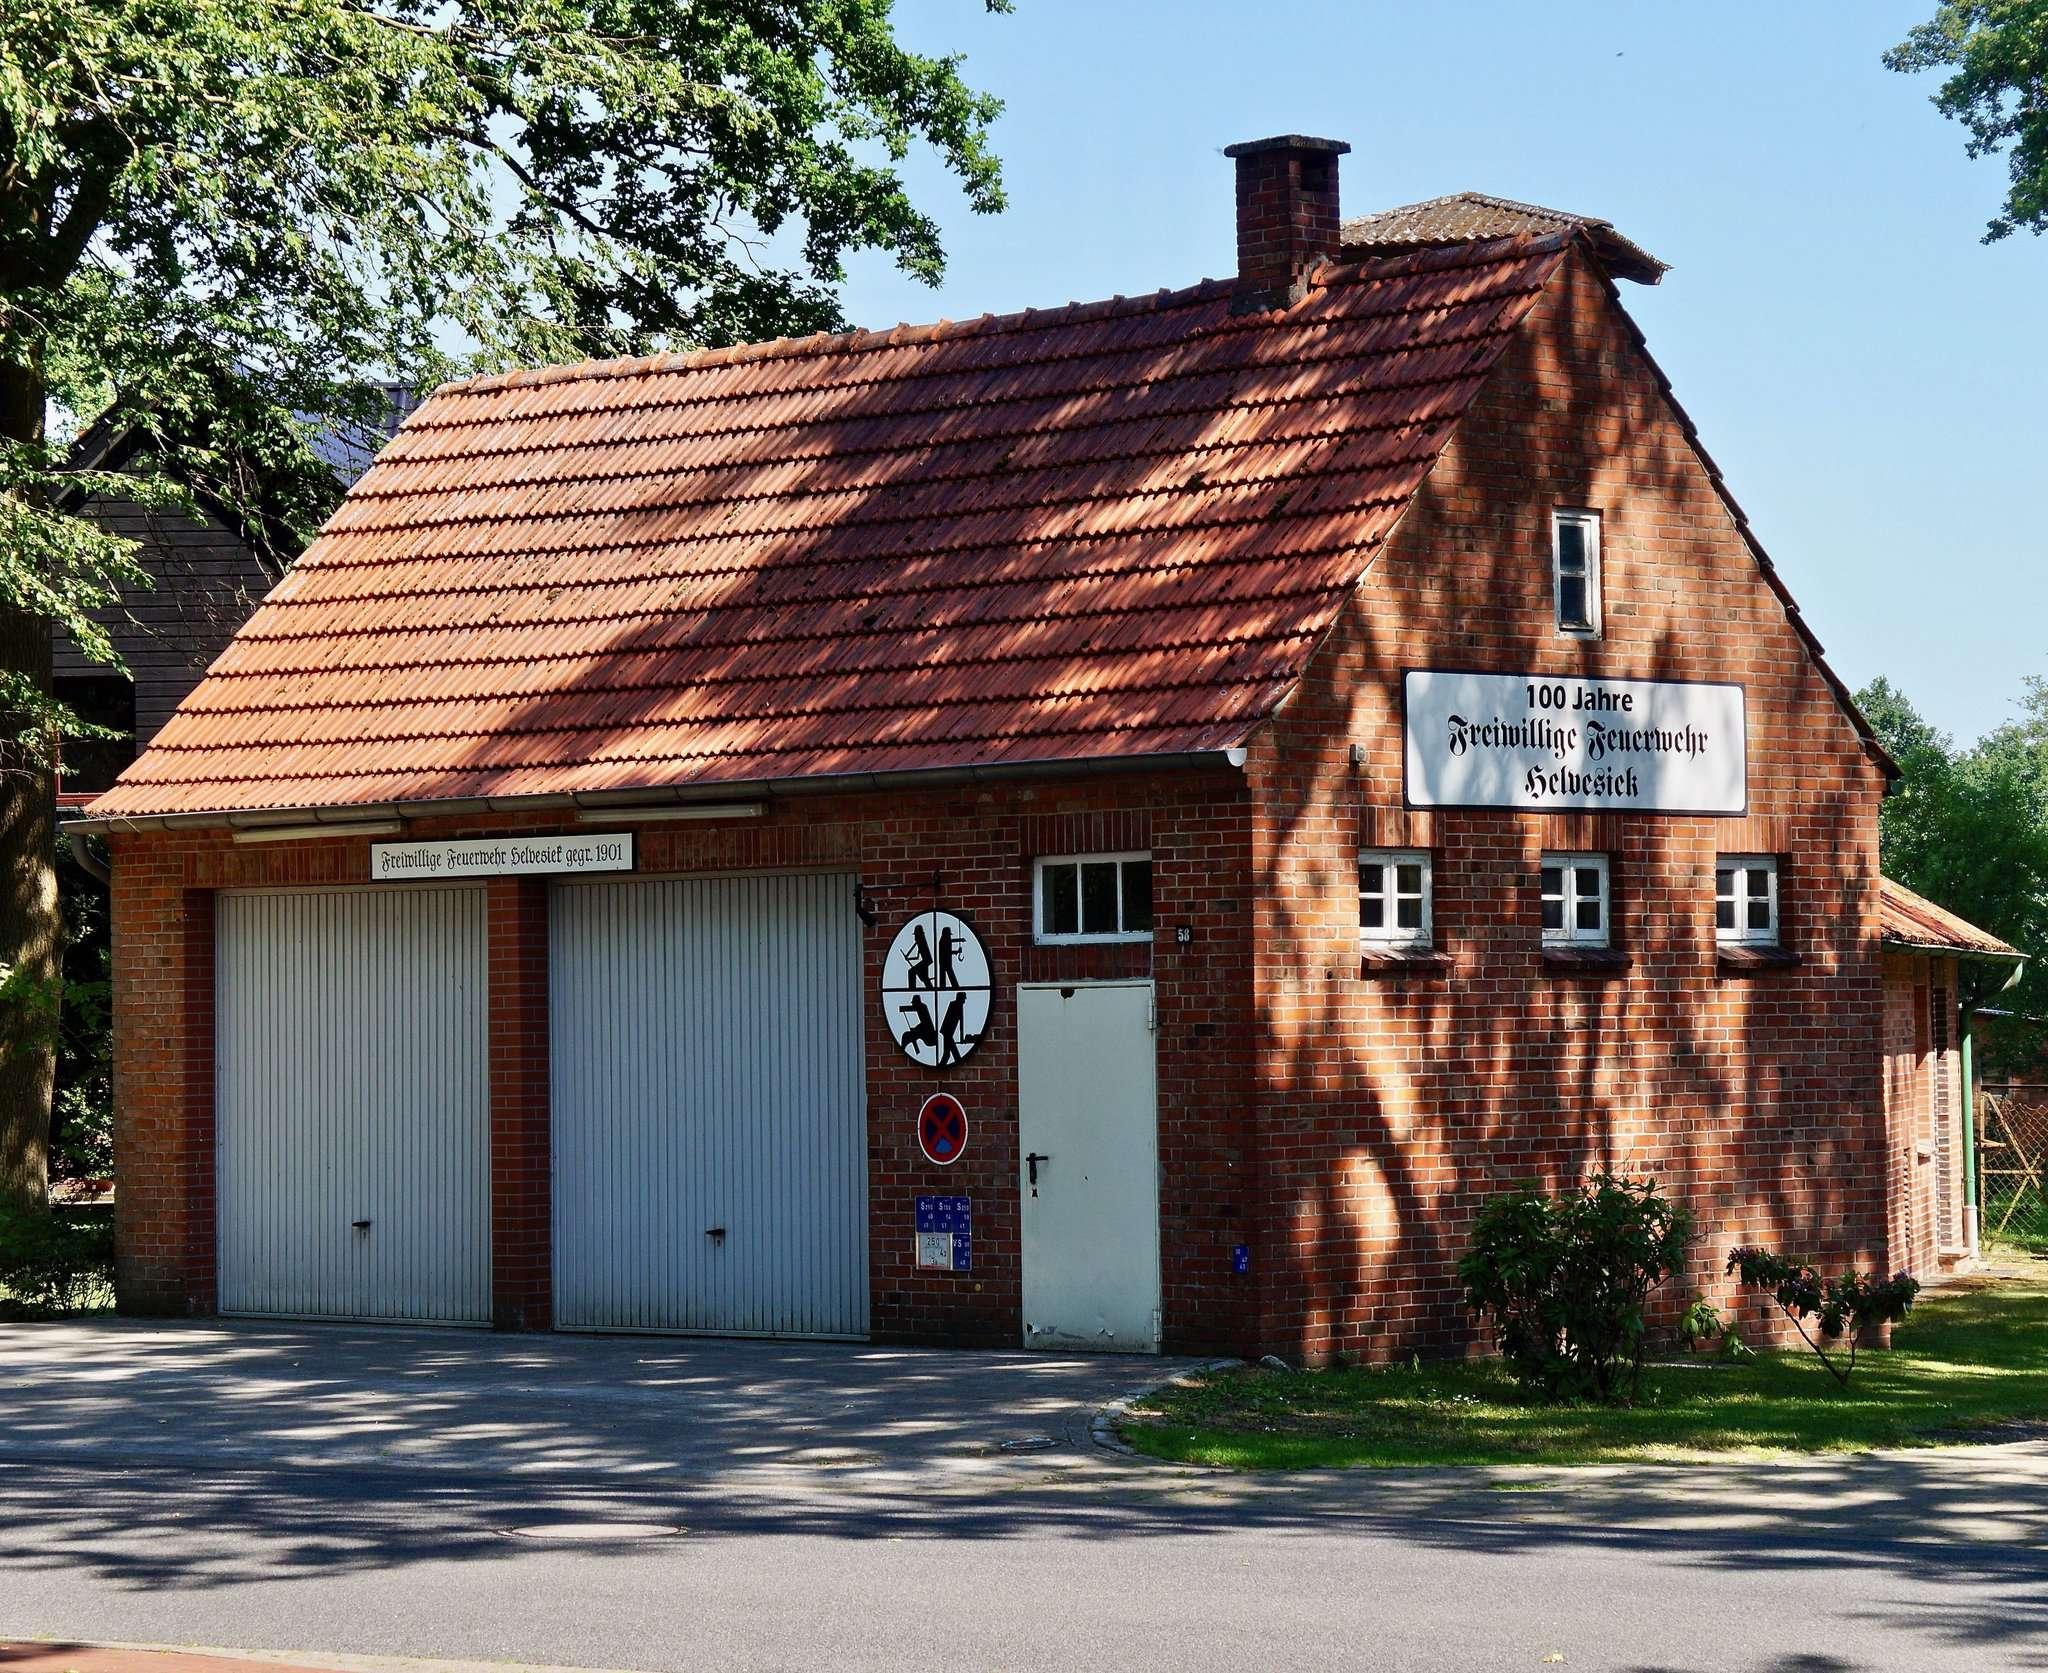 Das alte Feuerwehrhaus in Helvesiek ist in die Jahre gekommen, ein Tragkraftspritzenfahrzeug ist indes schon mal bestellt. Foto: Hans-Jörg Werth